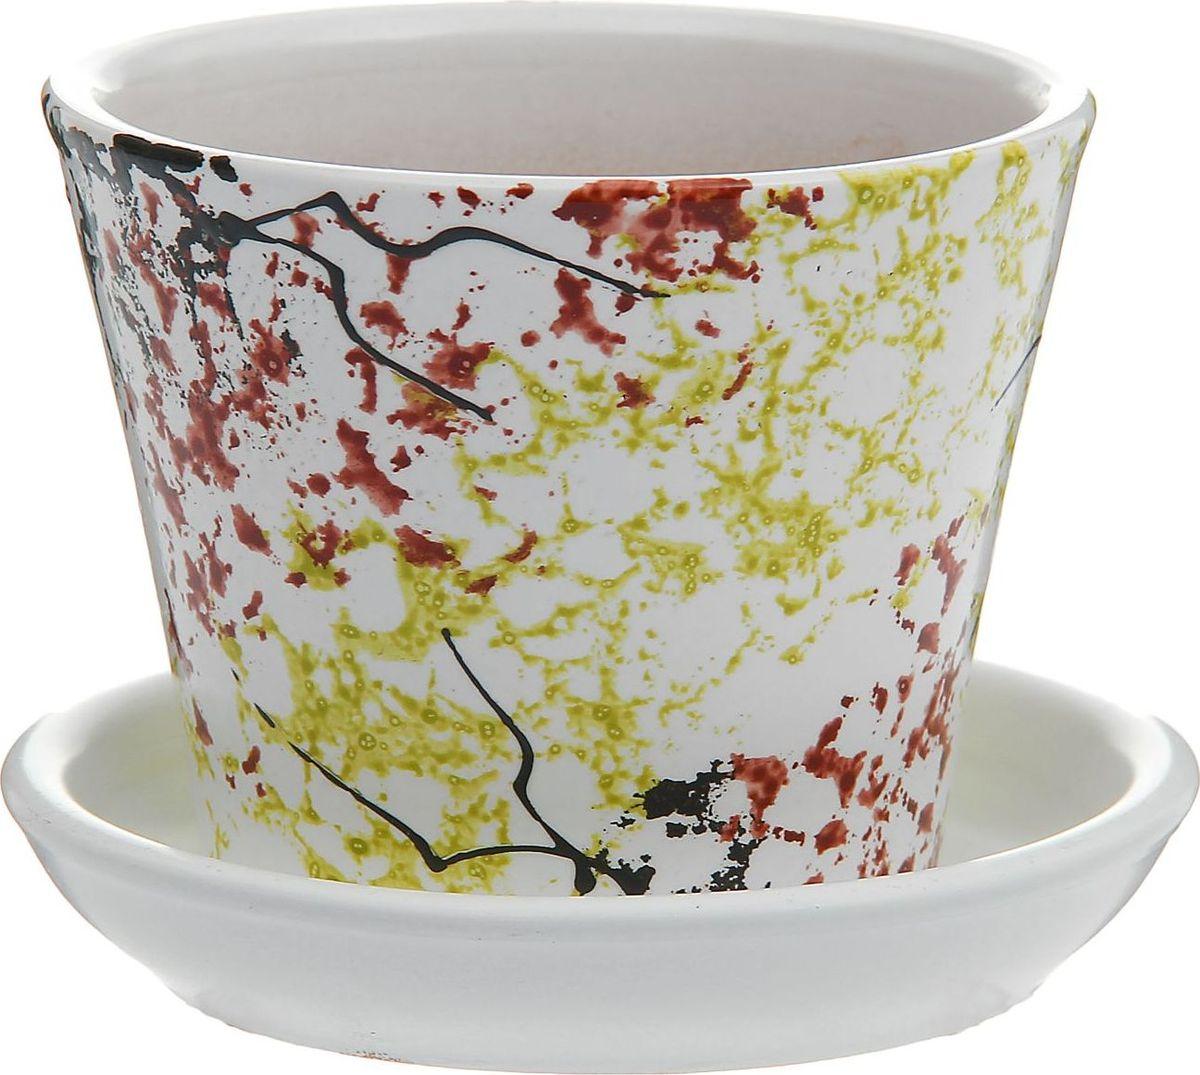 Кашпо Осень, 0,3 л1177410Комнатные растения — всеобщие любимцы. Они радуют глаз, насыщают помещение кислородом и украшают пространство. Каждому из них необходим свой удобный и красивый дом. Кашпо из керамики прекрасно подходят для высадки растений: за счёт пластичности глины и разных способов обработки существует великое множество форм и дизайновпористый материал позволяет испаряться лишней влагевоздух, необходимый для дыхания корней, проникает сквозь керамические стенки! #name# позаботится о зелёном питомце, освежит интерьер и подчеркнёт его стиль.